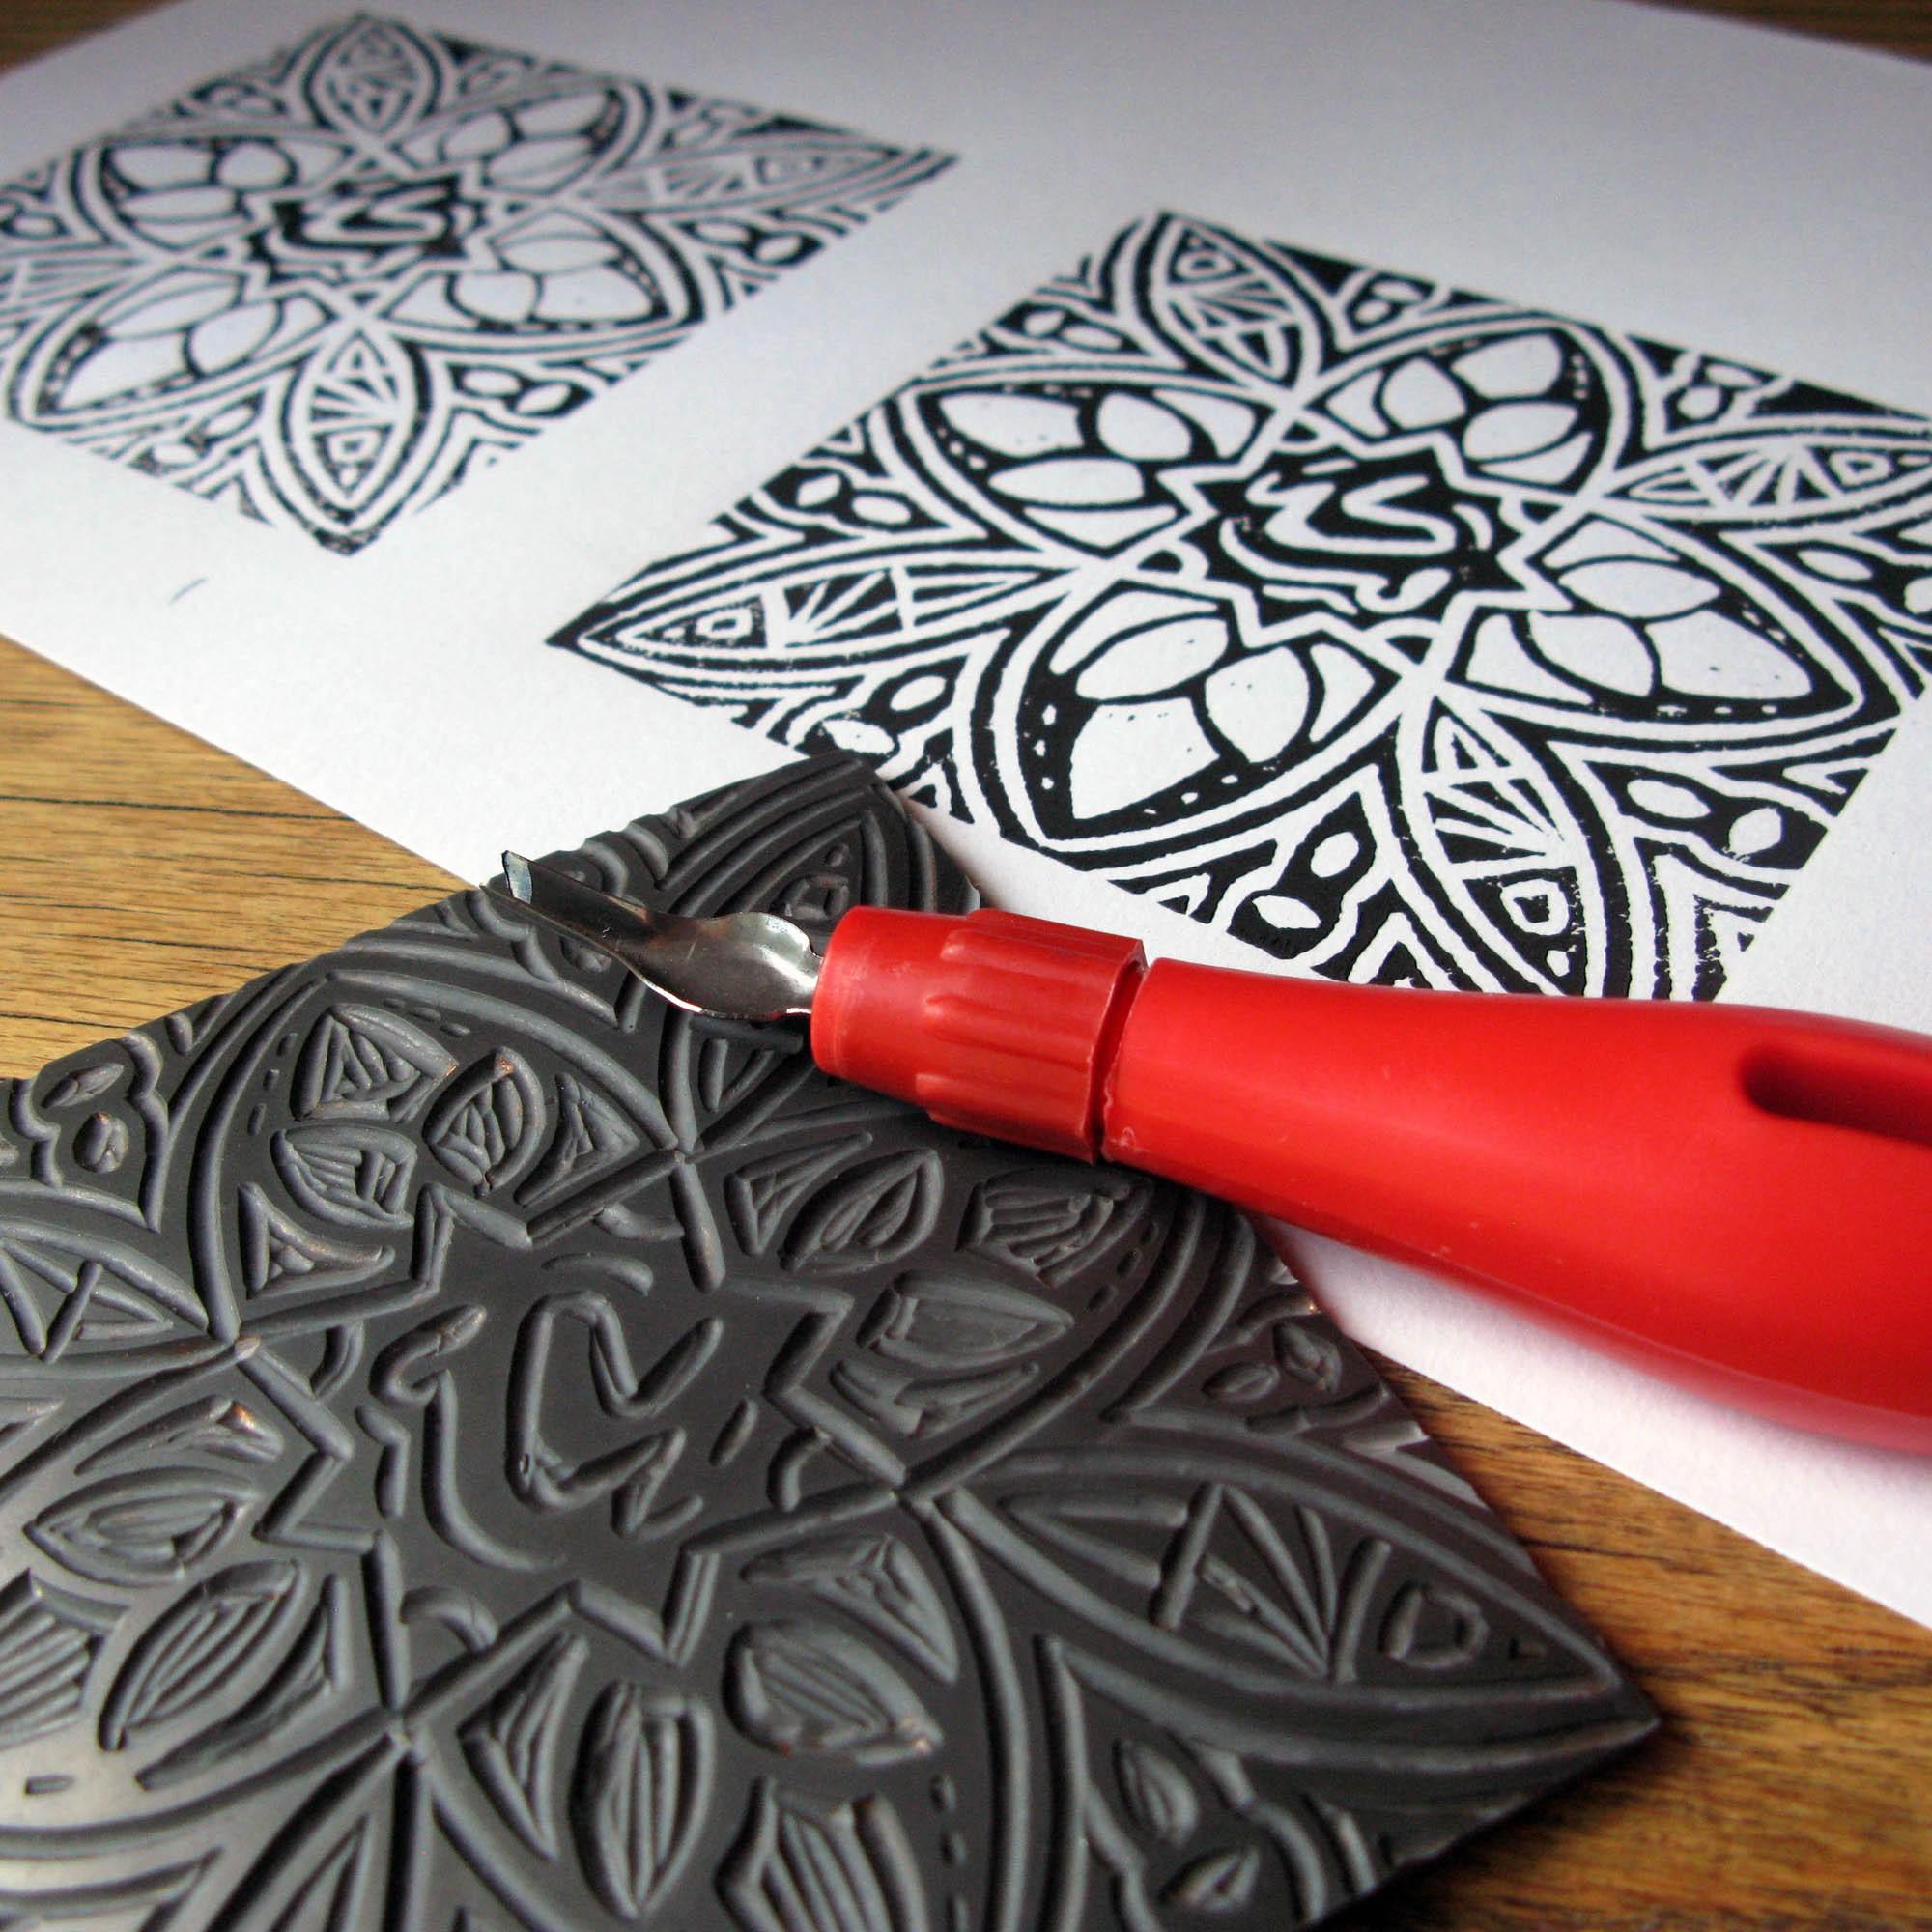 Print Making at Greenfield Arts